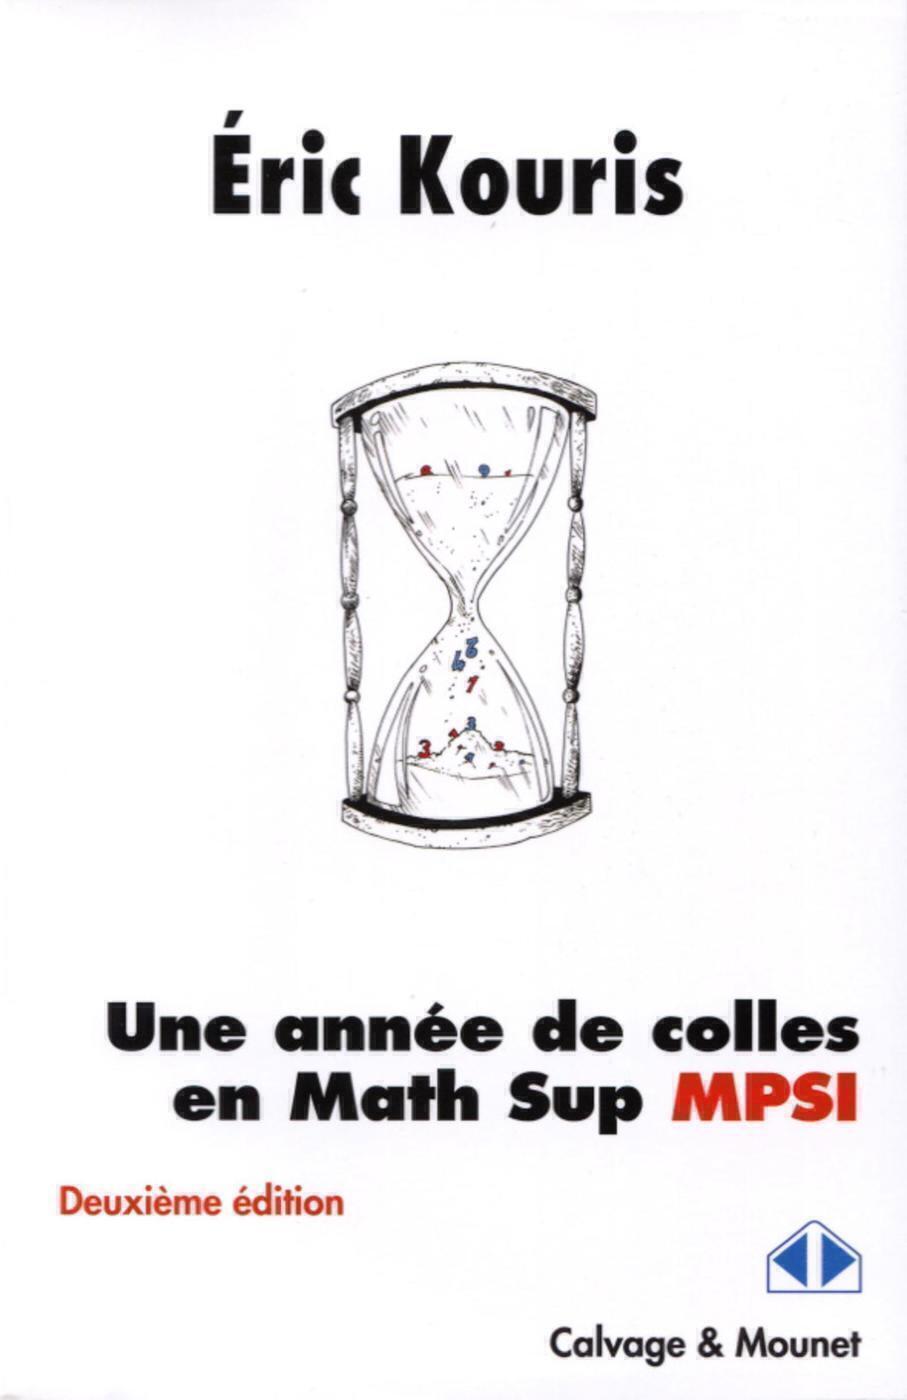 UNE ANNEE DE COLLES EN MATH SUP MPSI - DEUXIEME EDITION